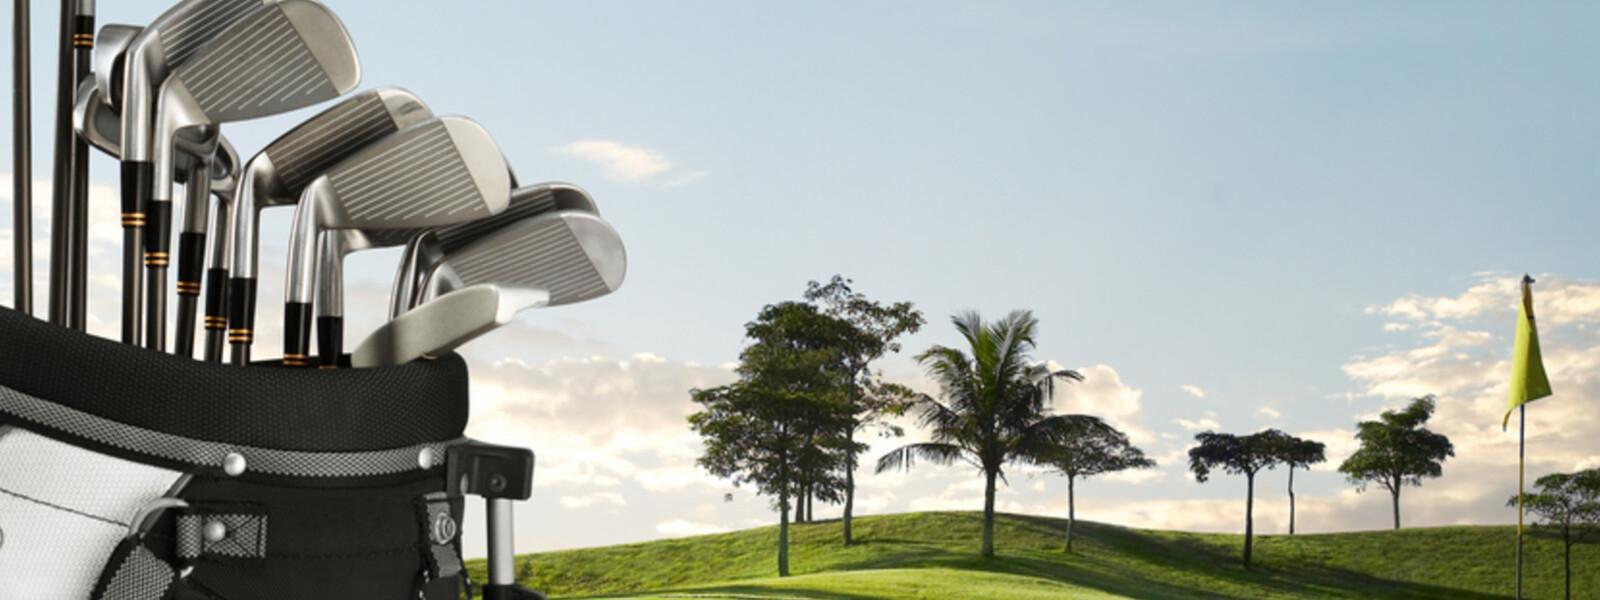 Gebühren für Golfgepäck sparen mit Clubs to hire